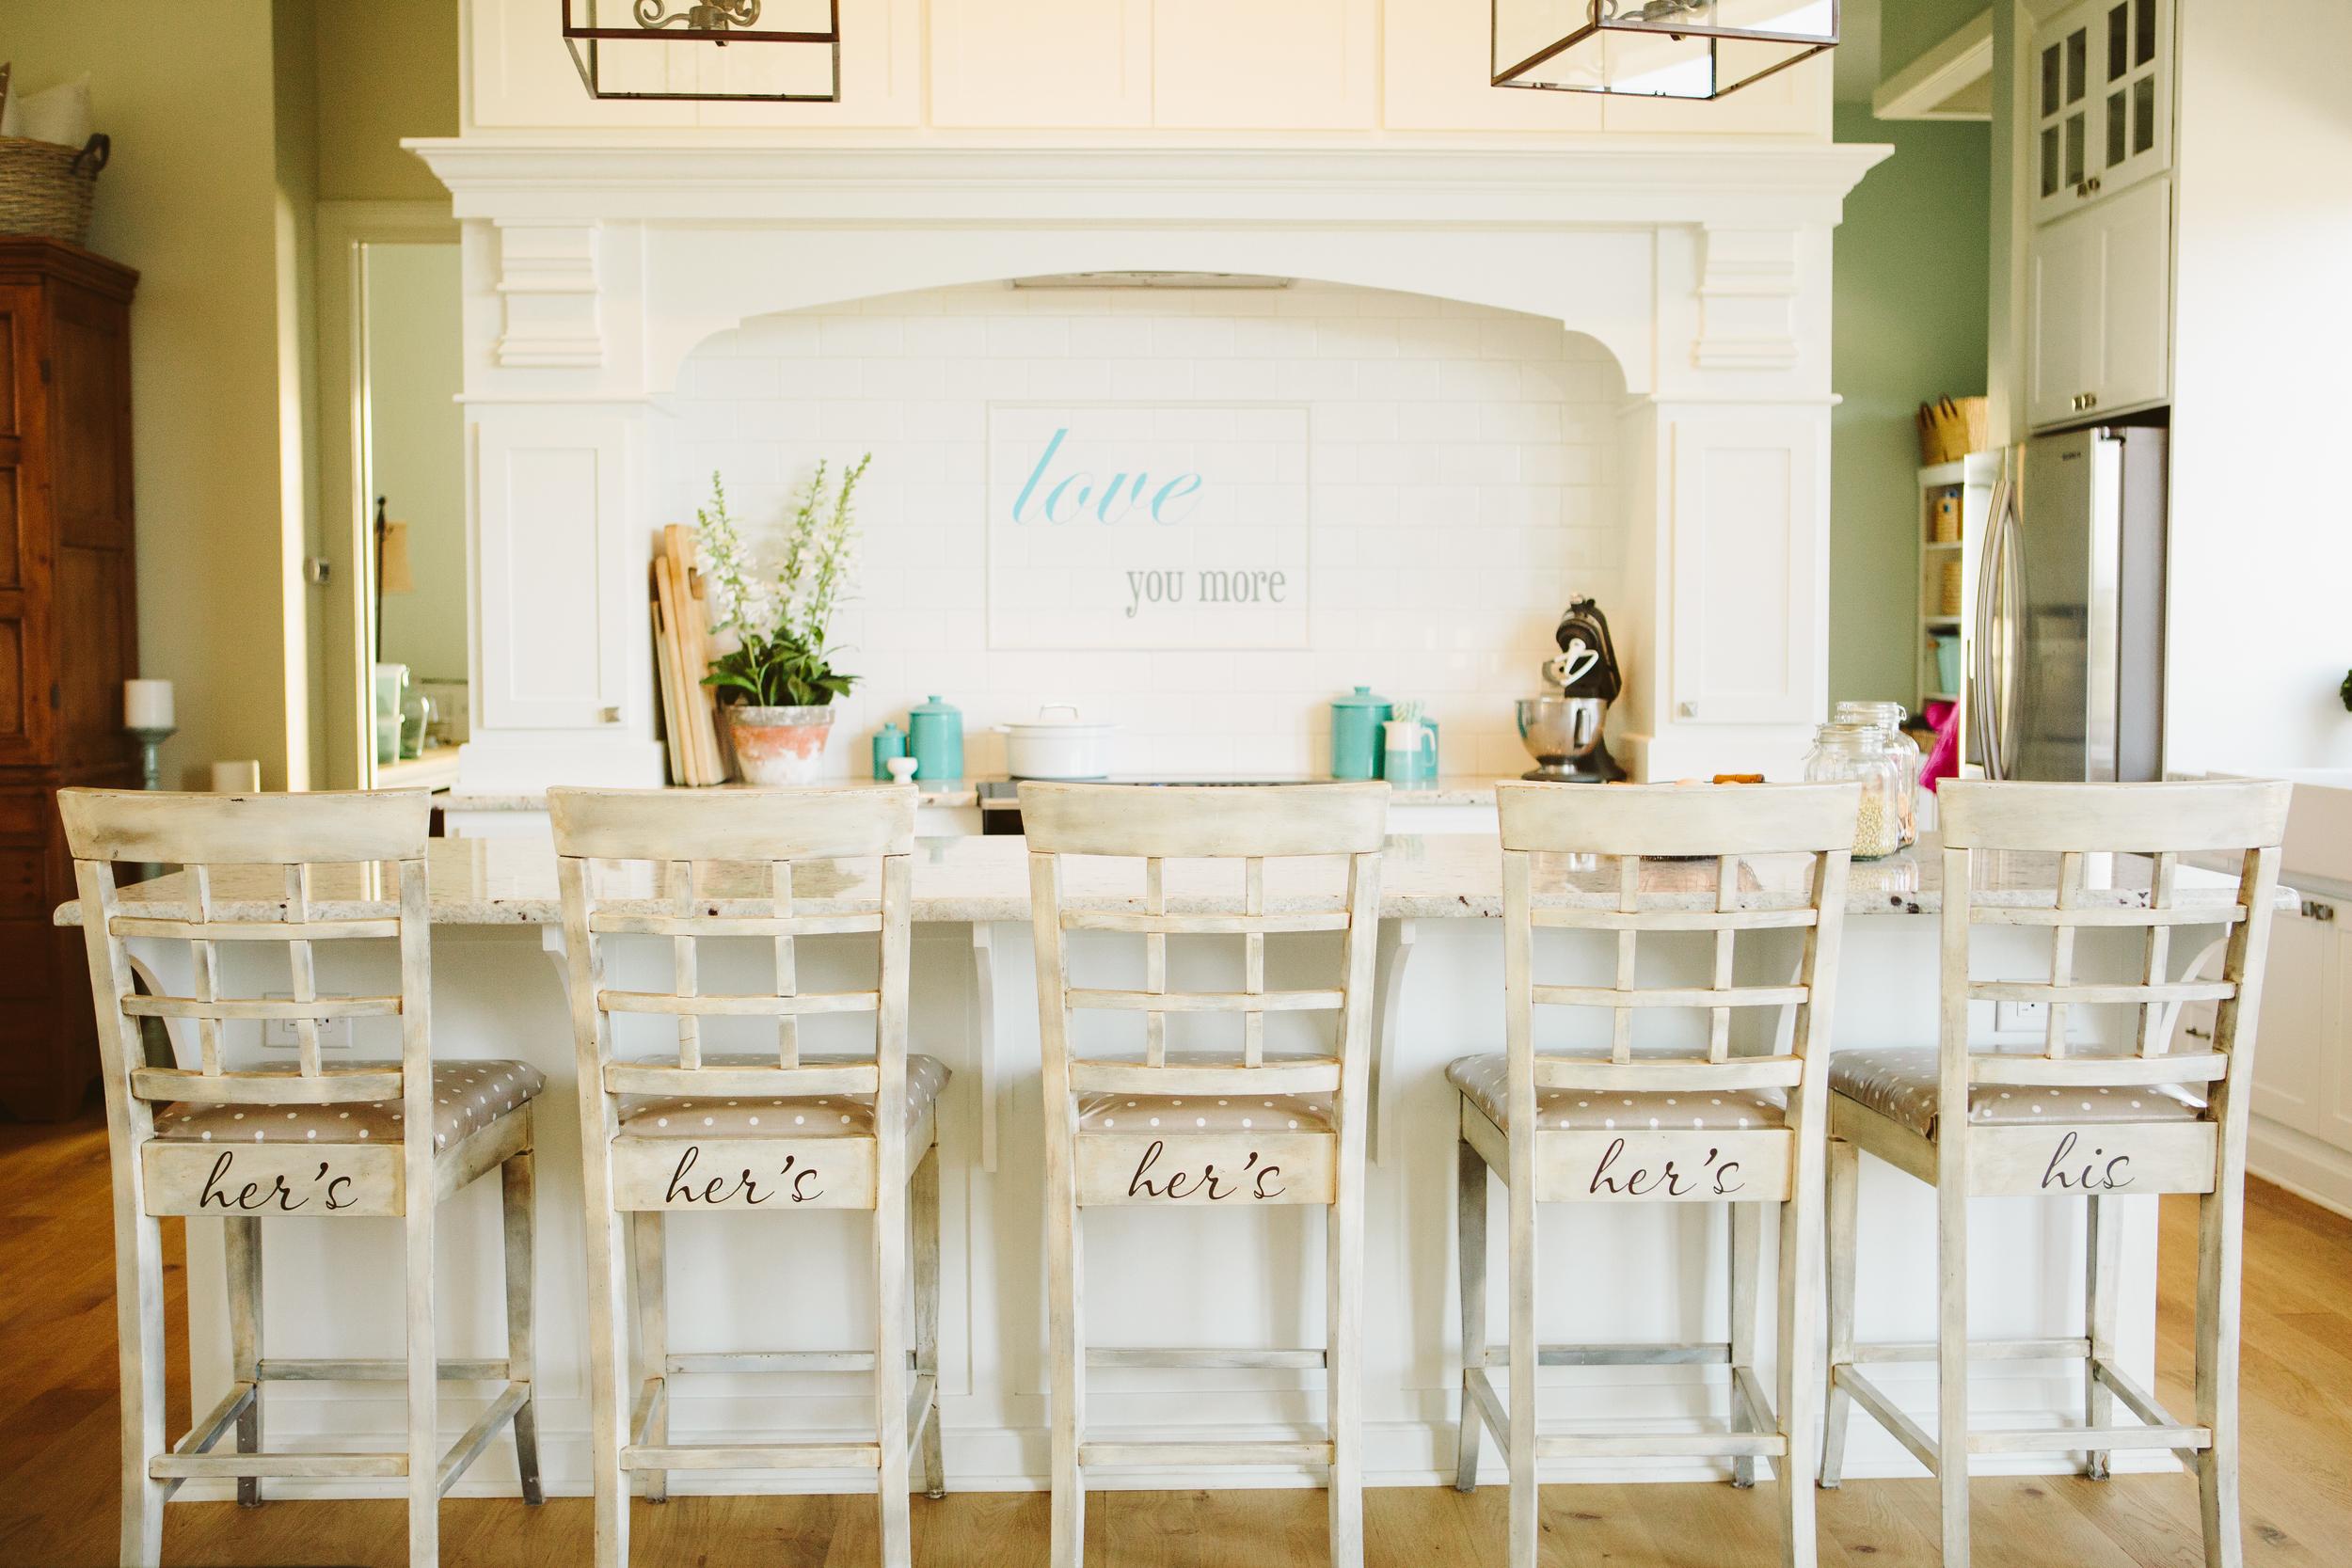 allure kitchen-3.jpg